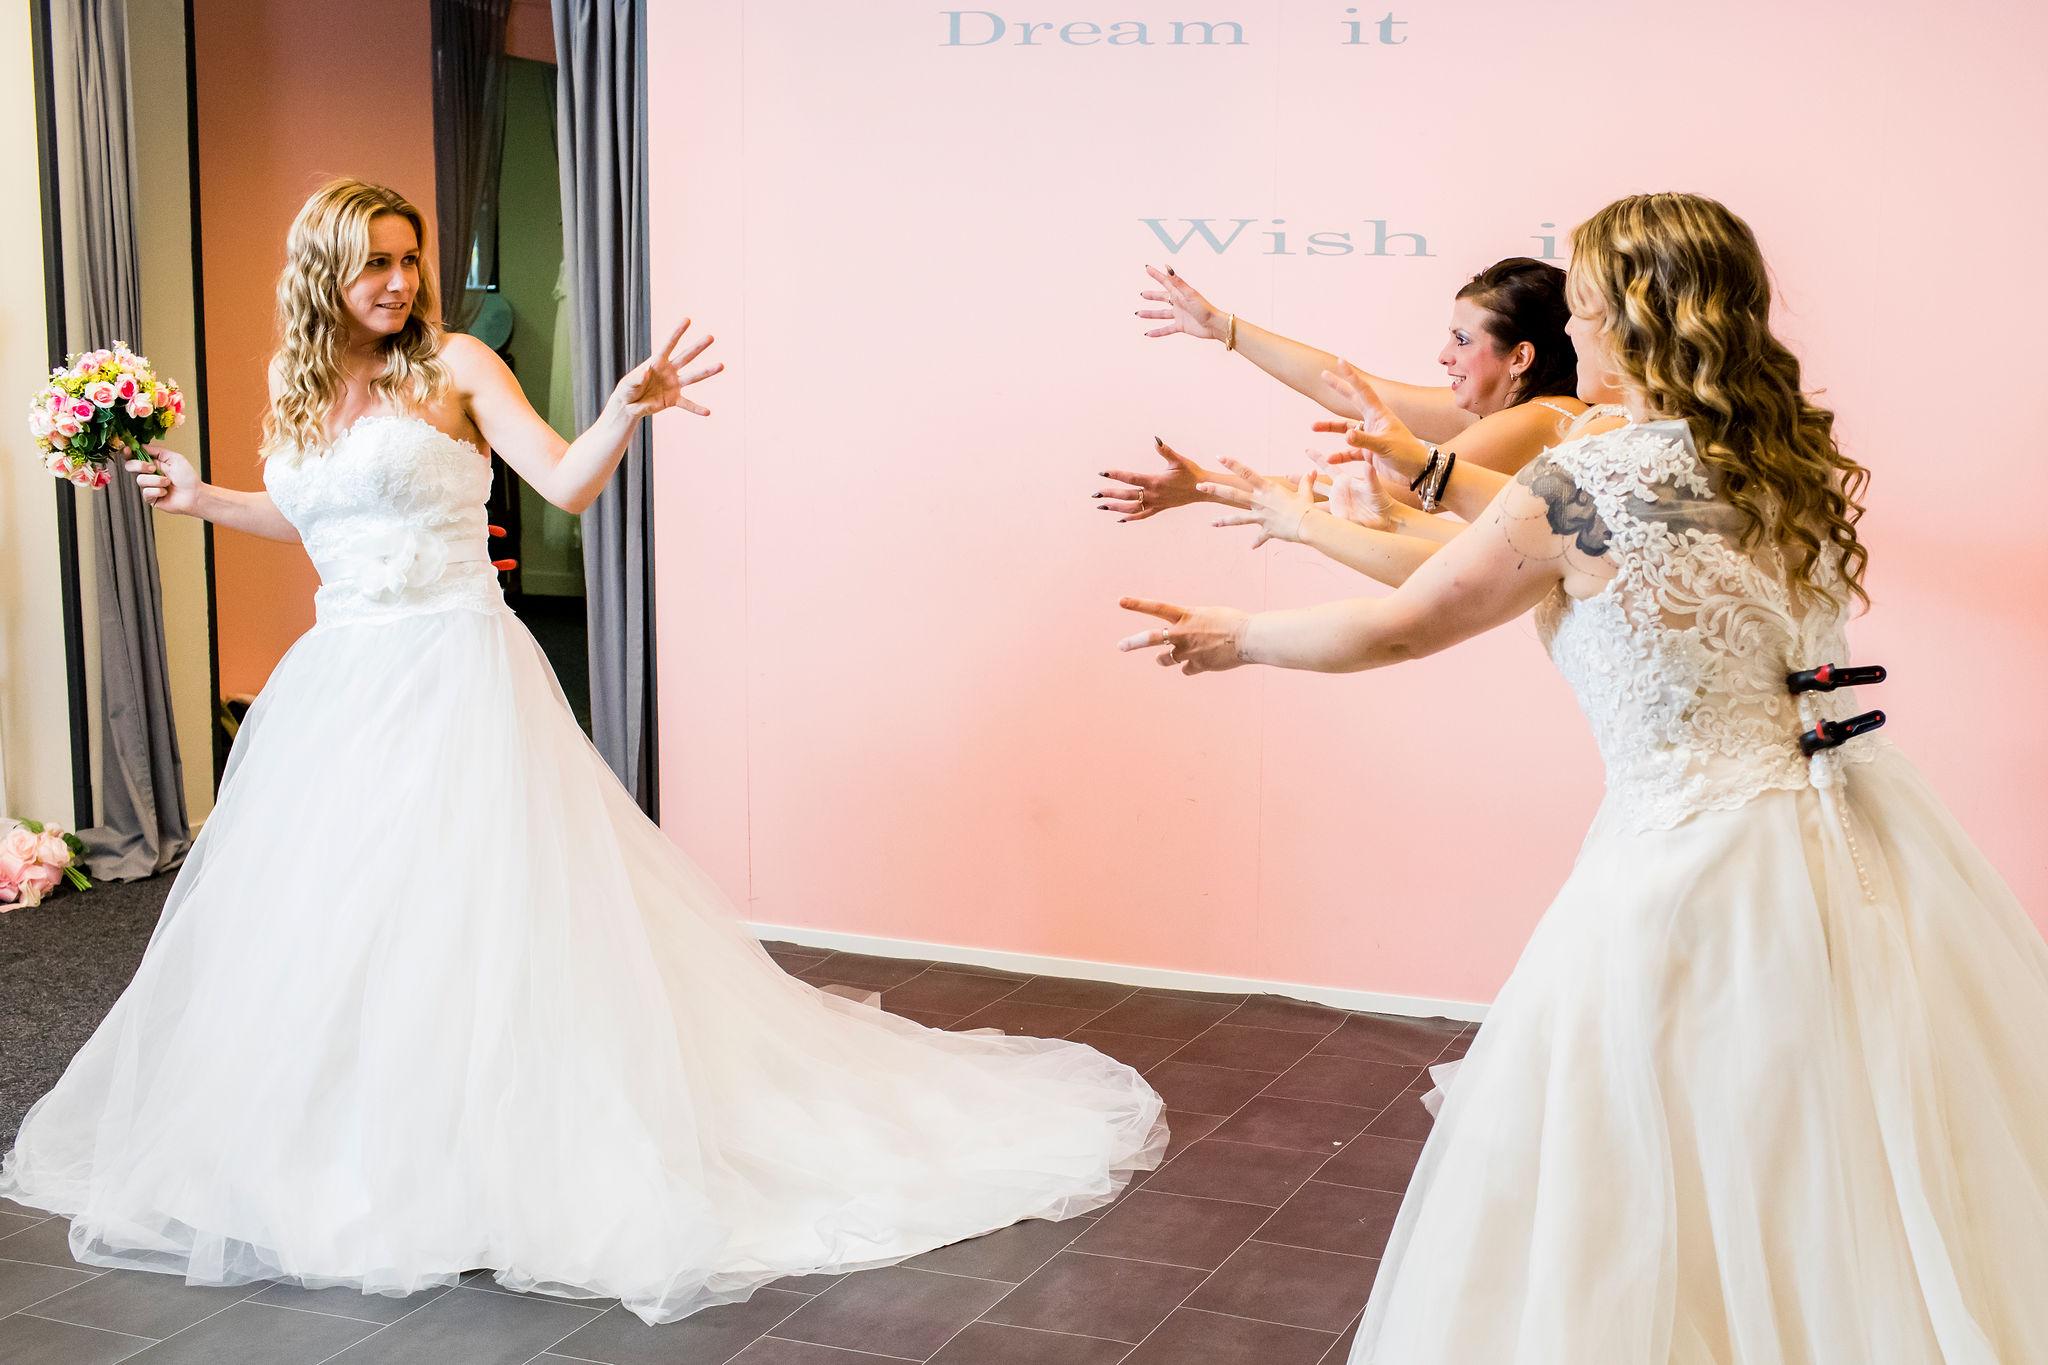 Nieuw Bruidsjurken passen voor de lol - Girls Night Out - Yalisa's VY-54